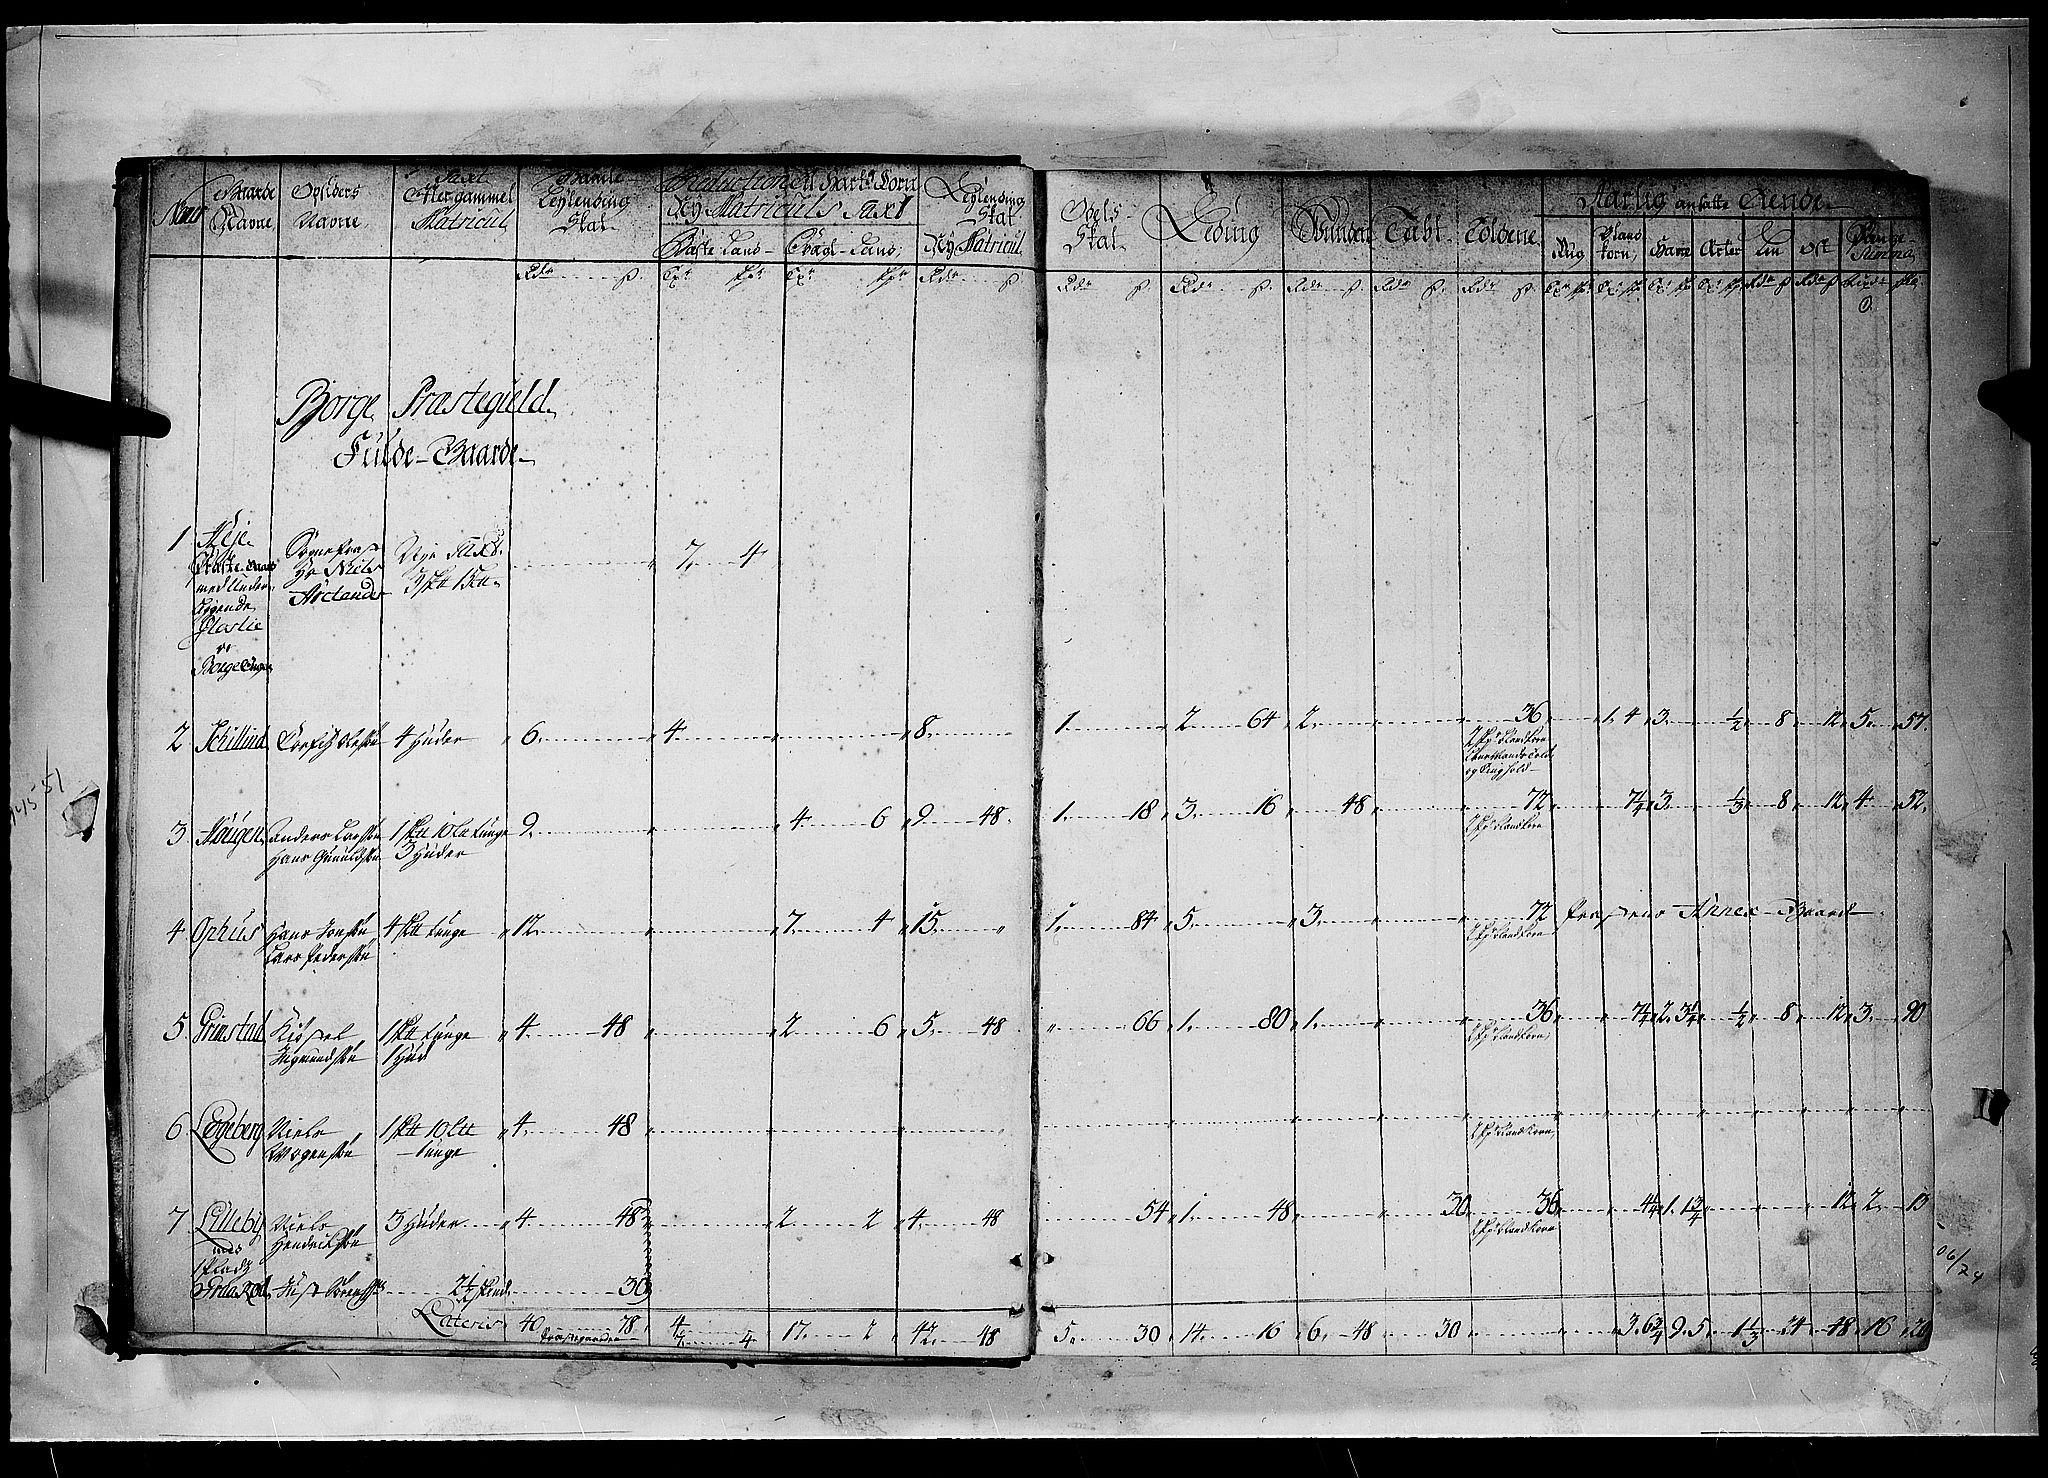 RA, Rentekammeret inntil 1814, Realistisk ordnet avdeling, N/Nb/Nbf/L0096: Moss, Onsøy, Tune og Veme matrikkelprotokoll, 1723, s. 1a